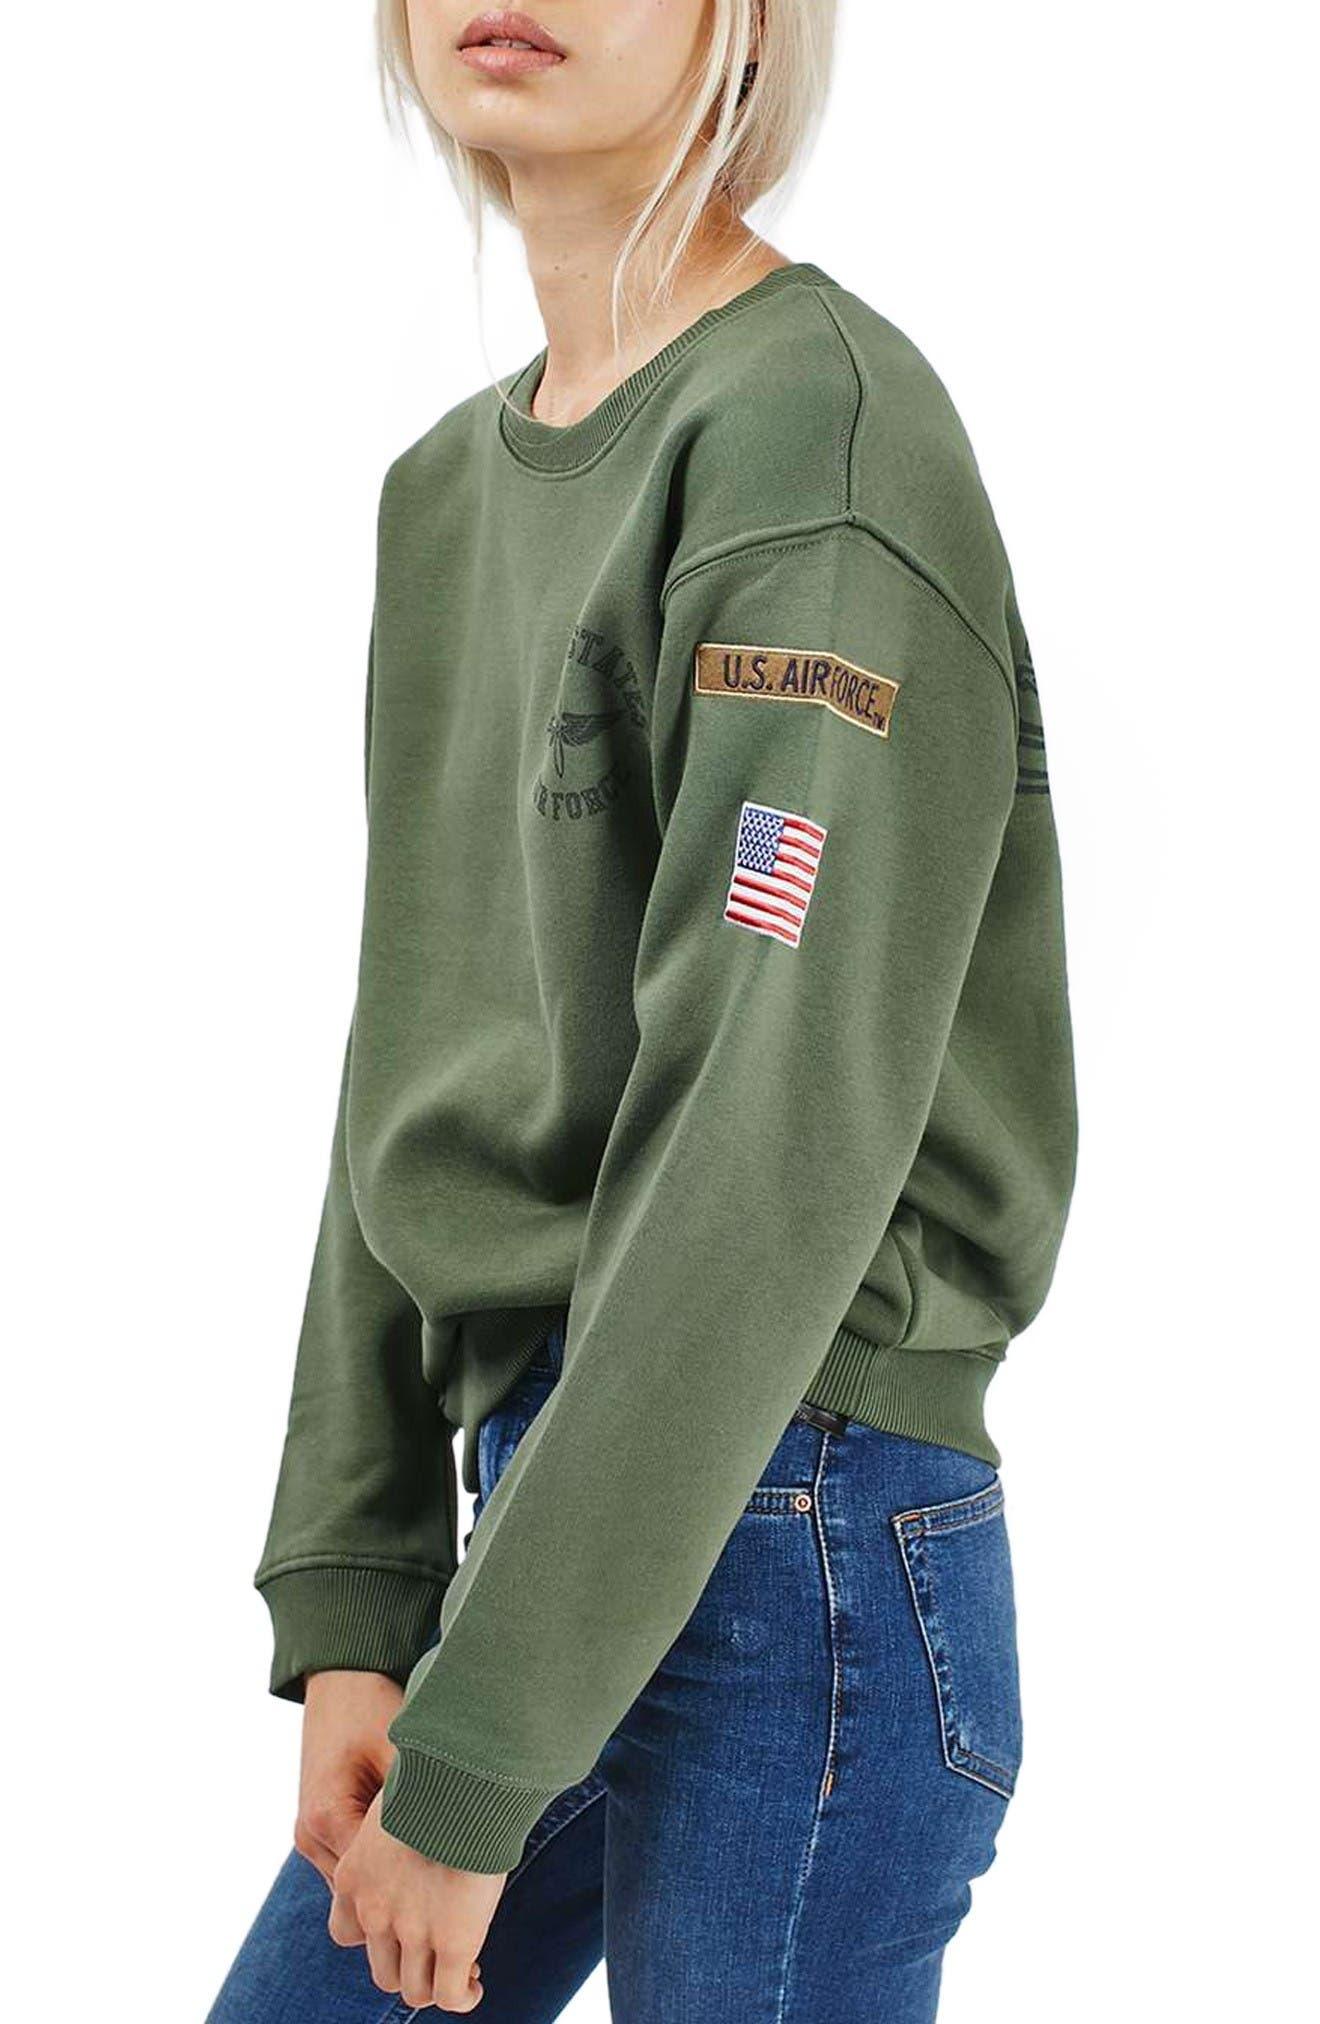 Alternate Image 1 Selected - Topshop by Tee & Cake Air Force Sweatshirt